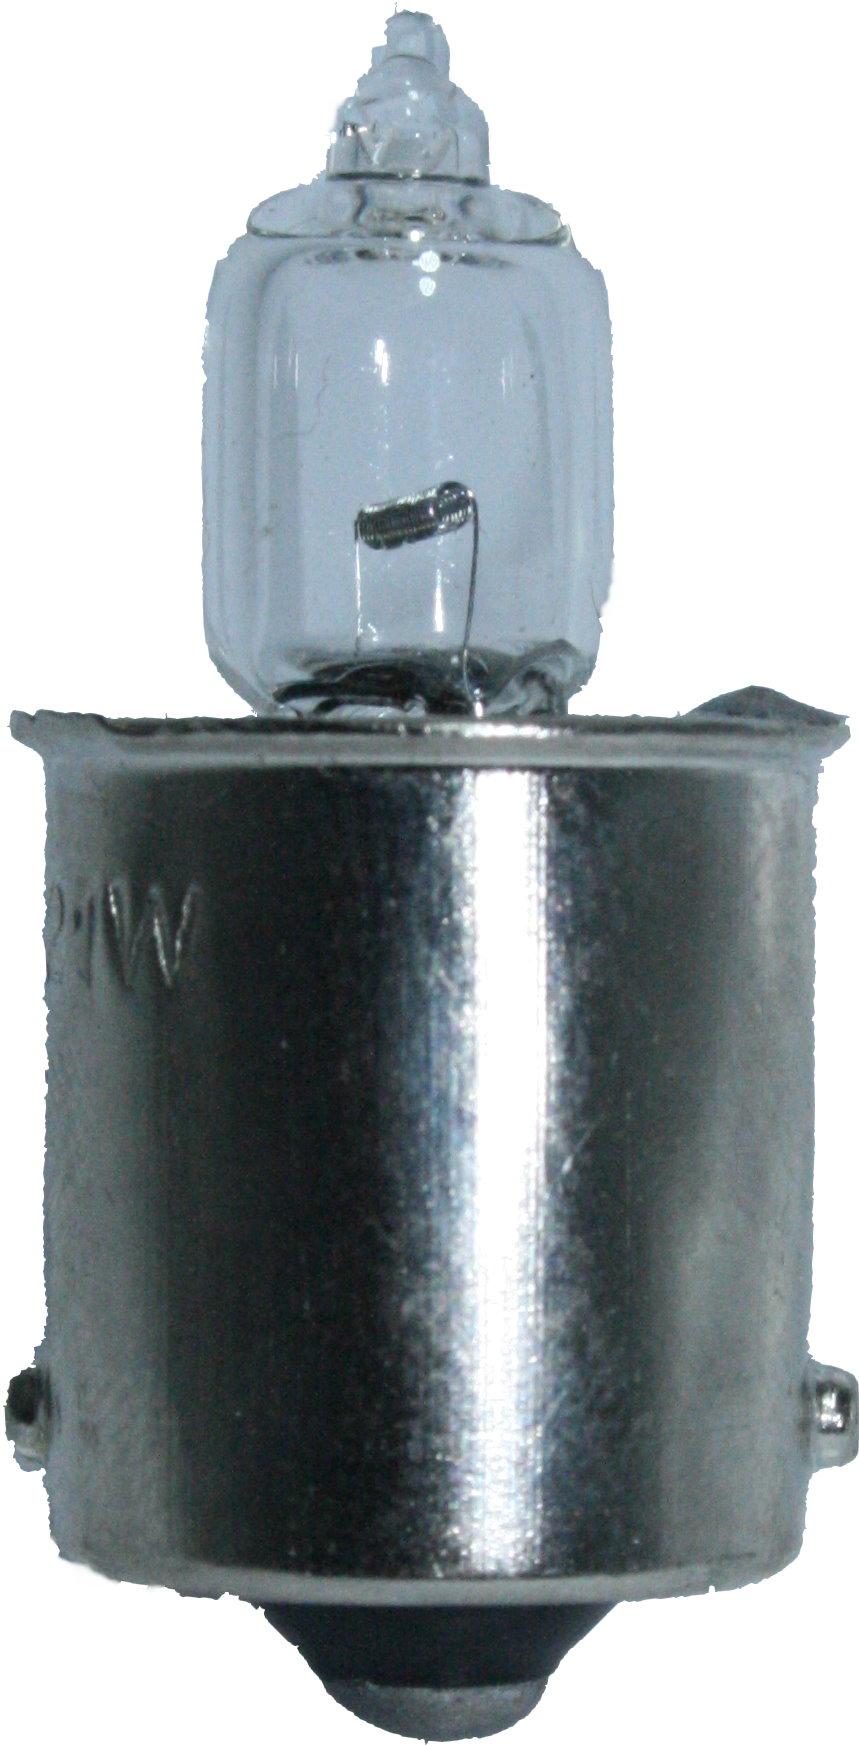 H21W-Halogenleuchte 12V, 1 Stück